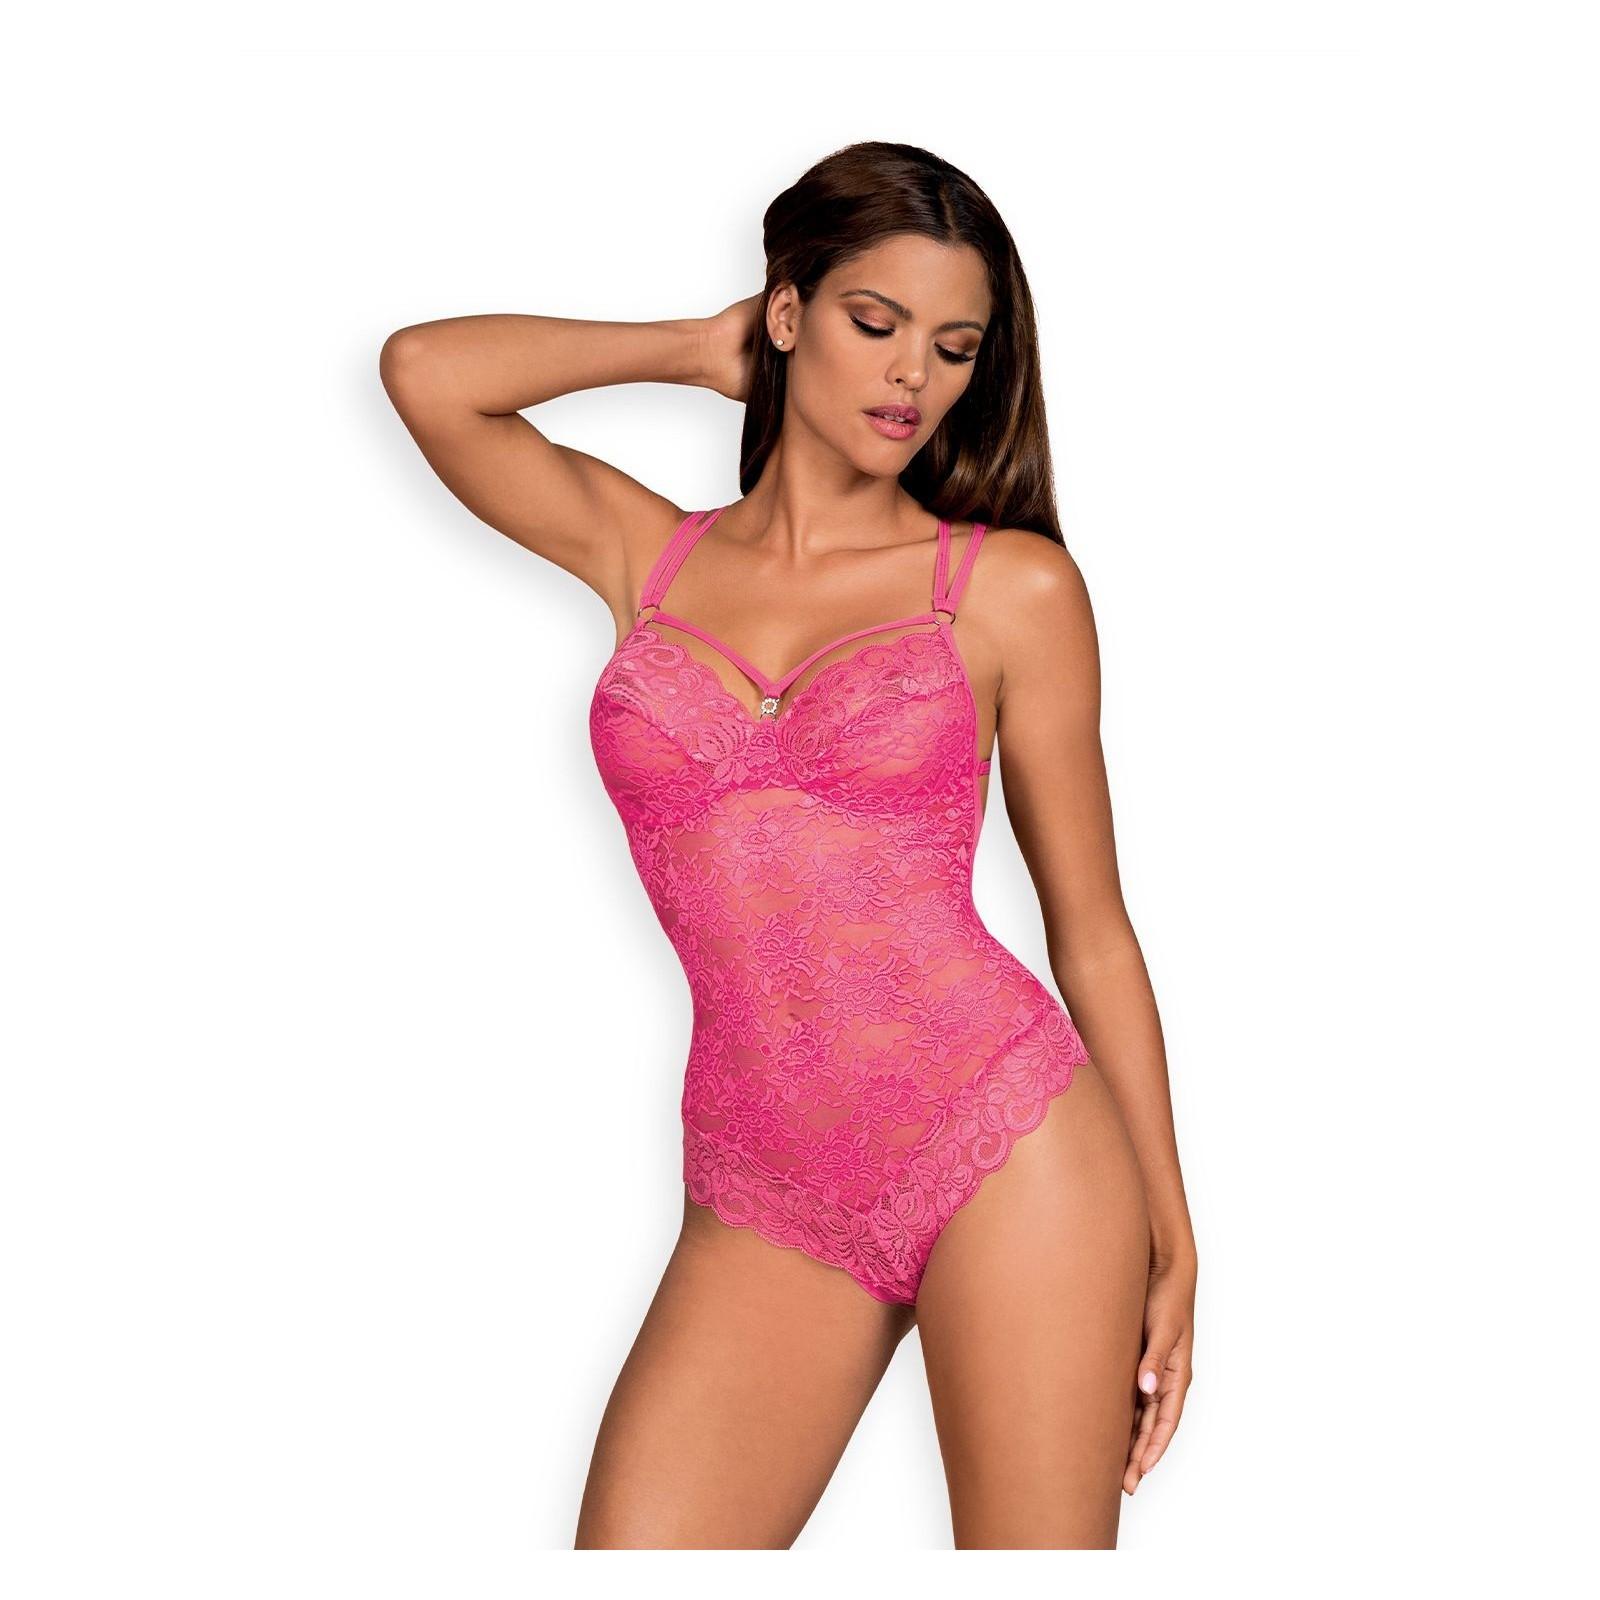 860-TED-5 Teddy pink - 3 - Vorschaubild